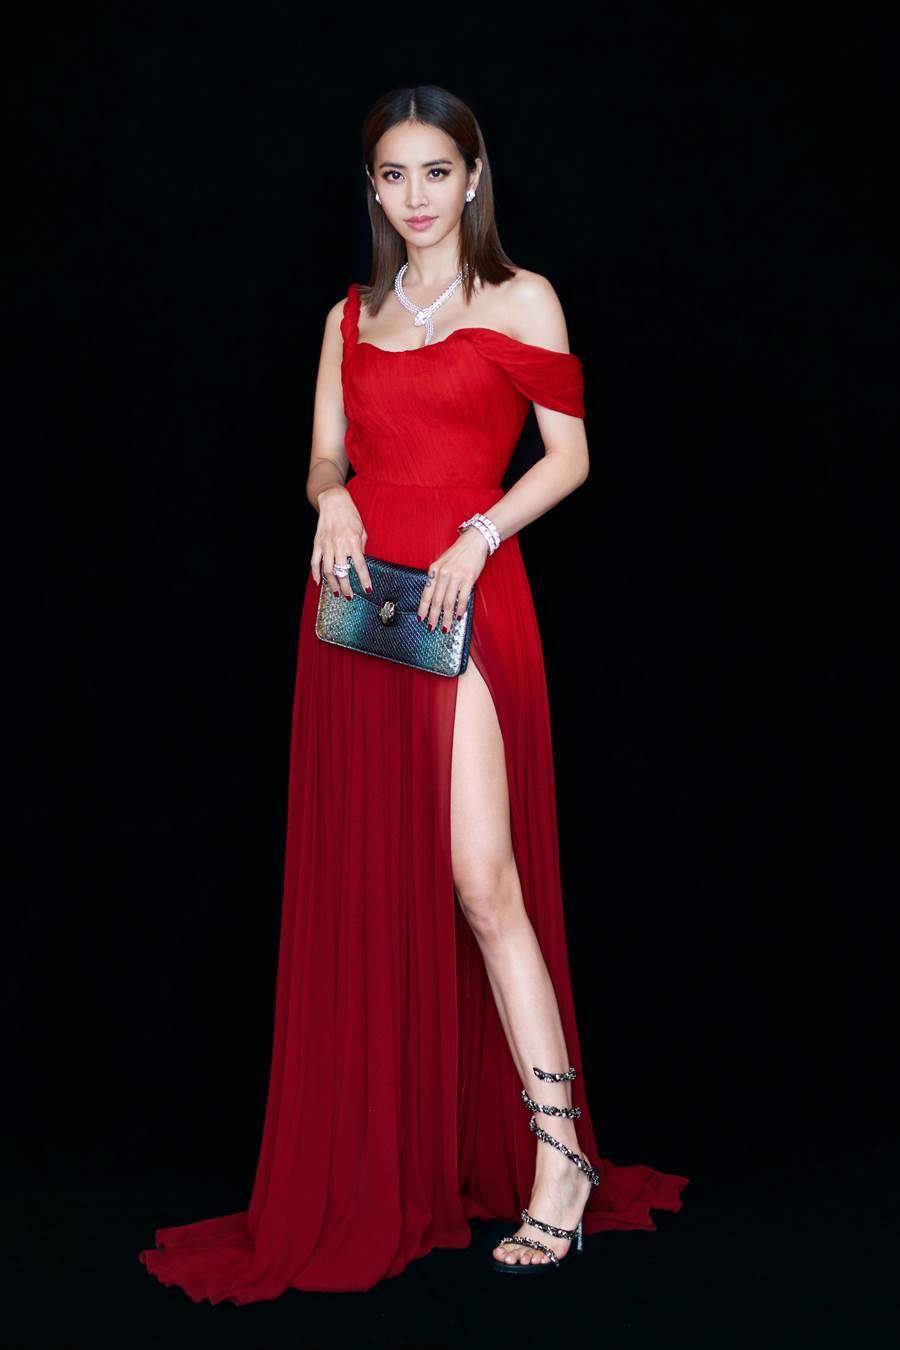 蔡依林一身豔紅禮服搭配寶格麗的Serpenti珠寶飾品,妖嬌性感。(BVLGARI提供)